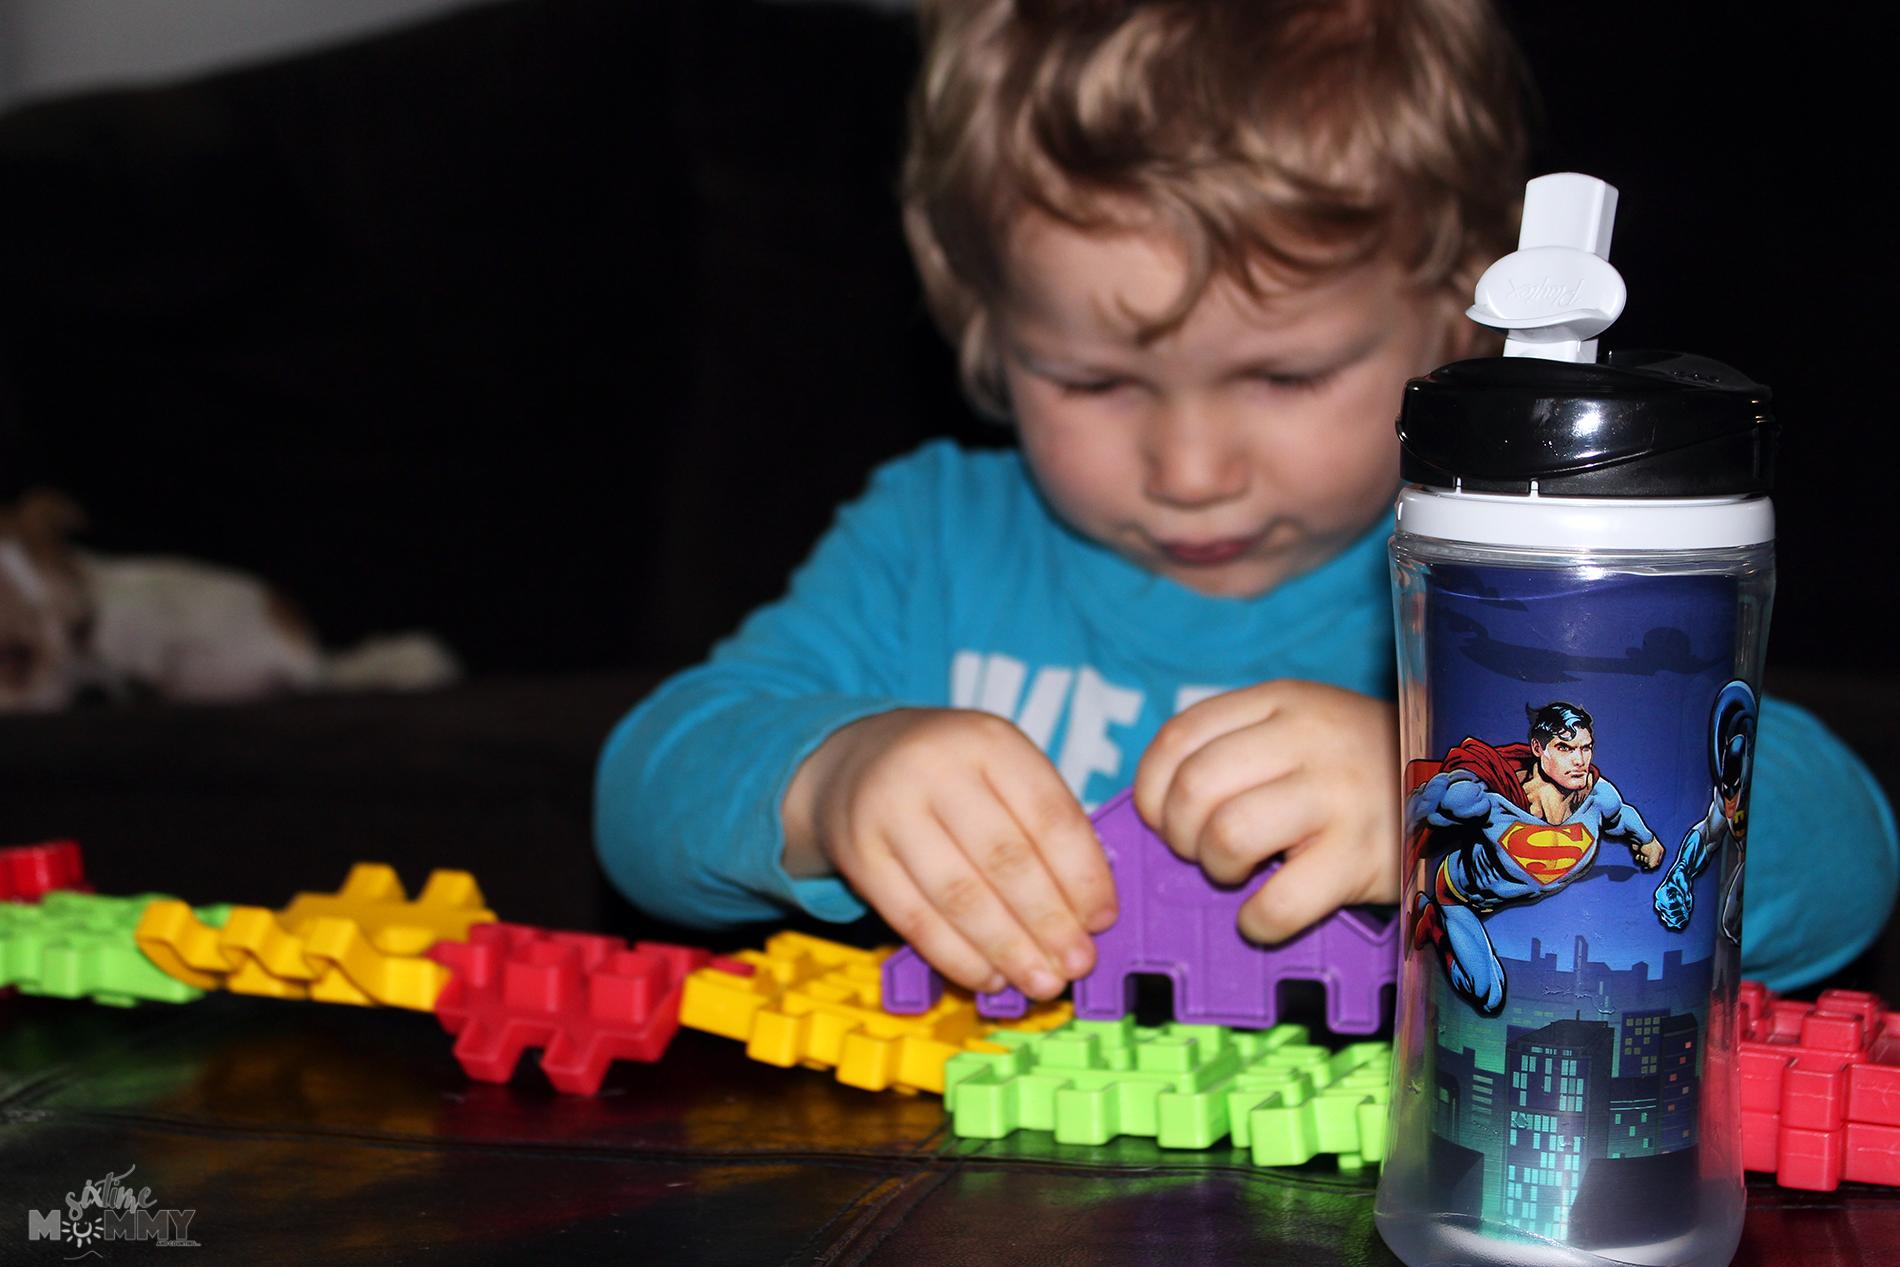 Let Kids Be Kids With Playtex® Sipsters® #PlaytexMoms #ForBetterBeginnings